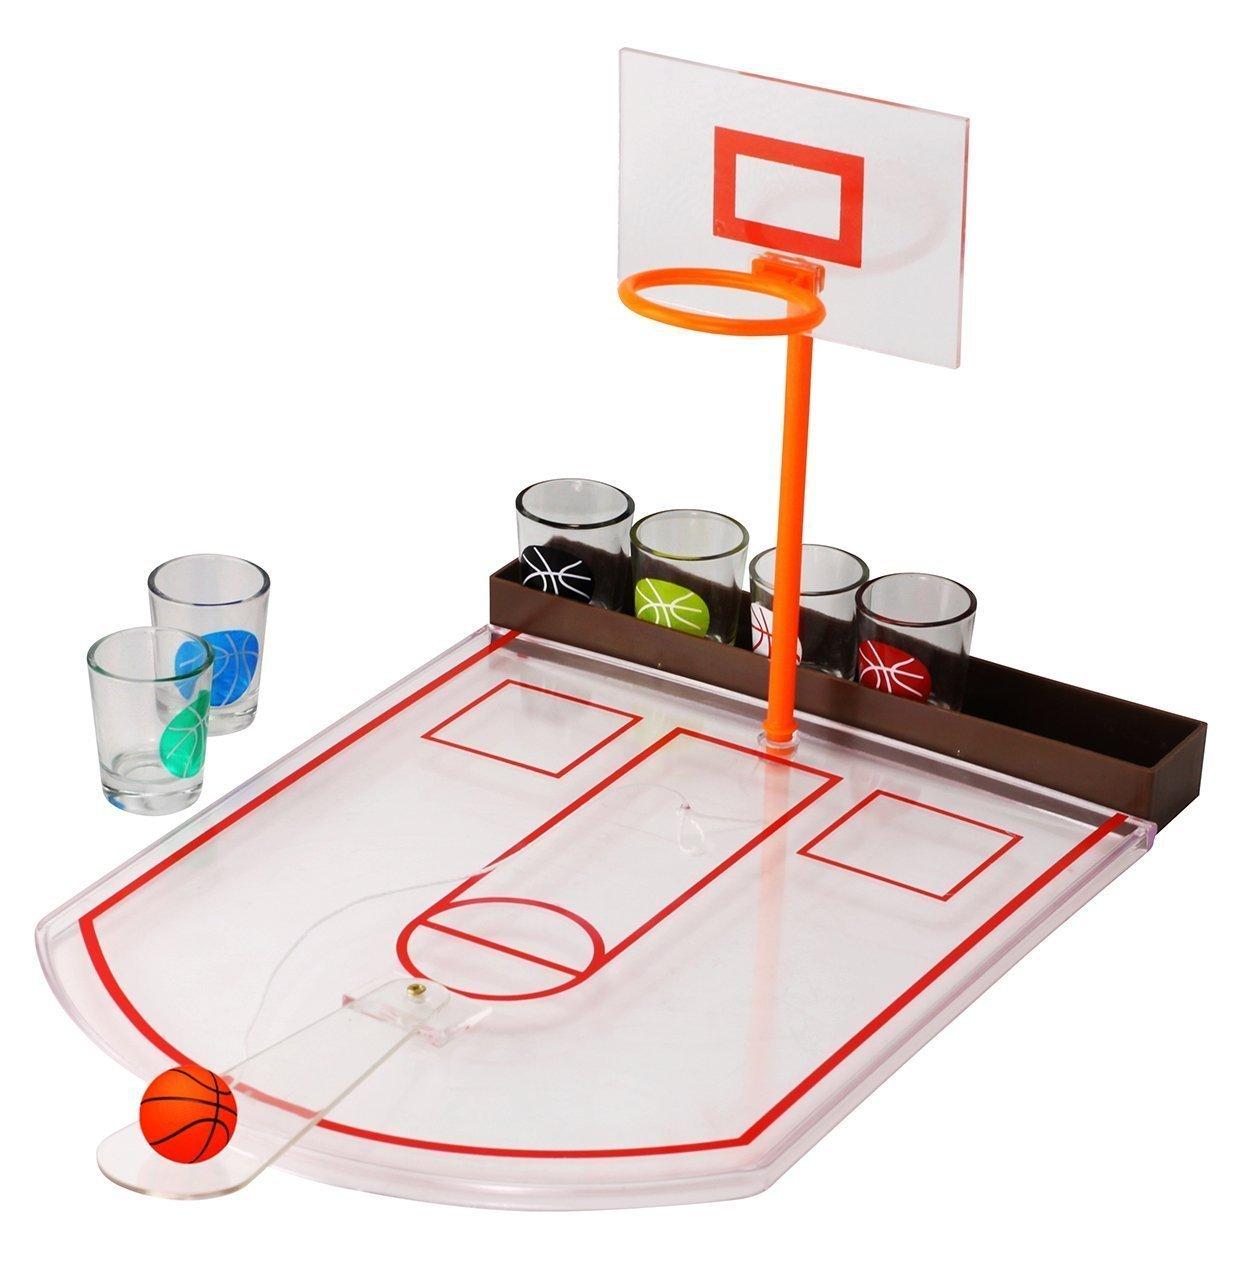 Gioco di pallacanestro - Giochi per adulti - Giochi per bere - Giochi per adulti Toyland